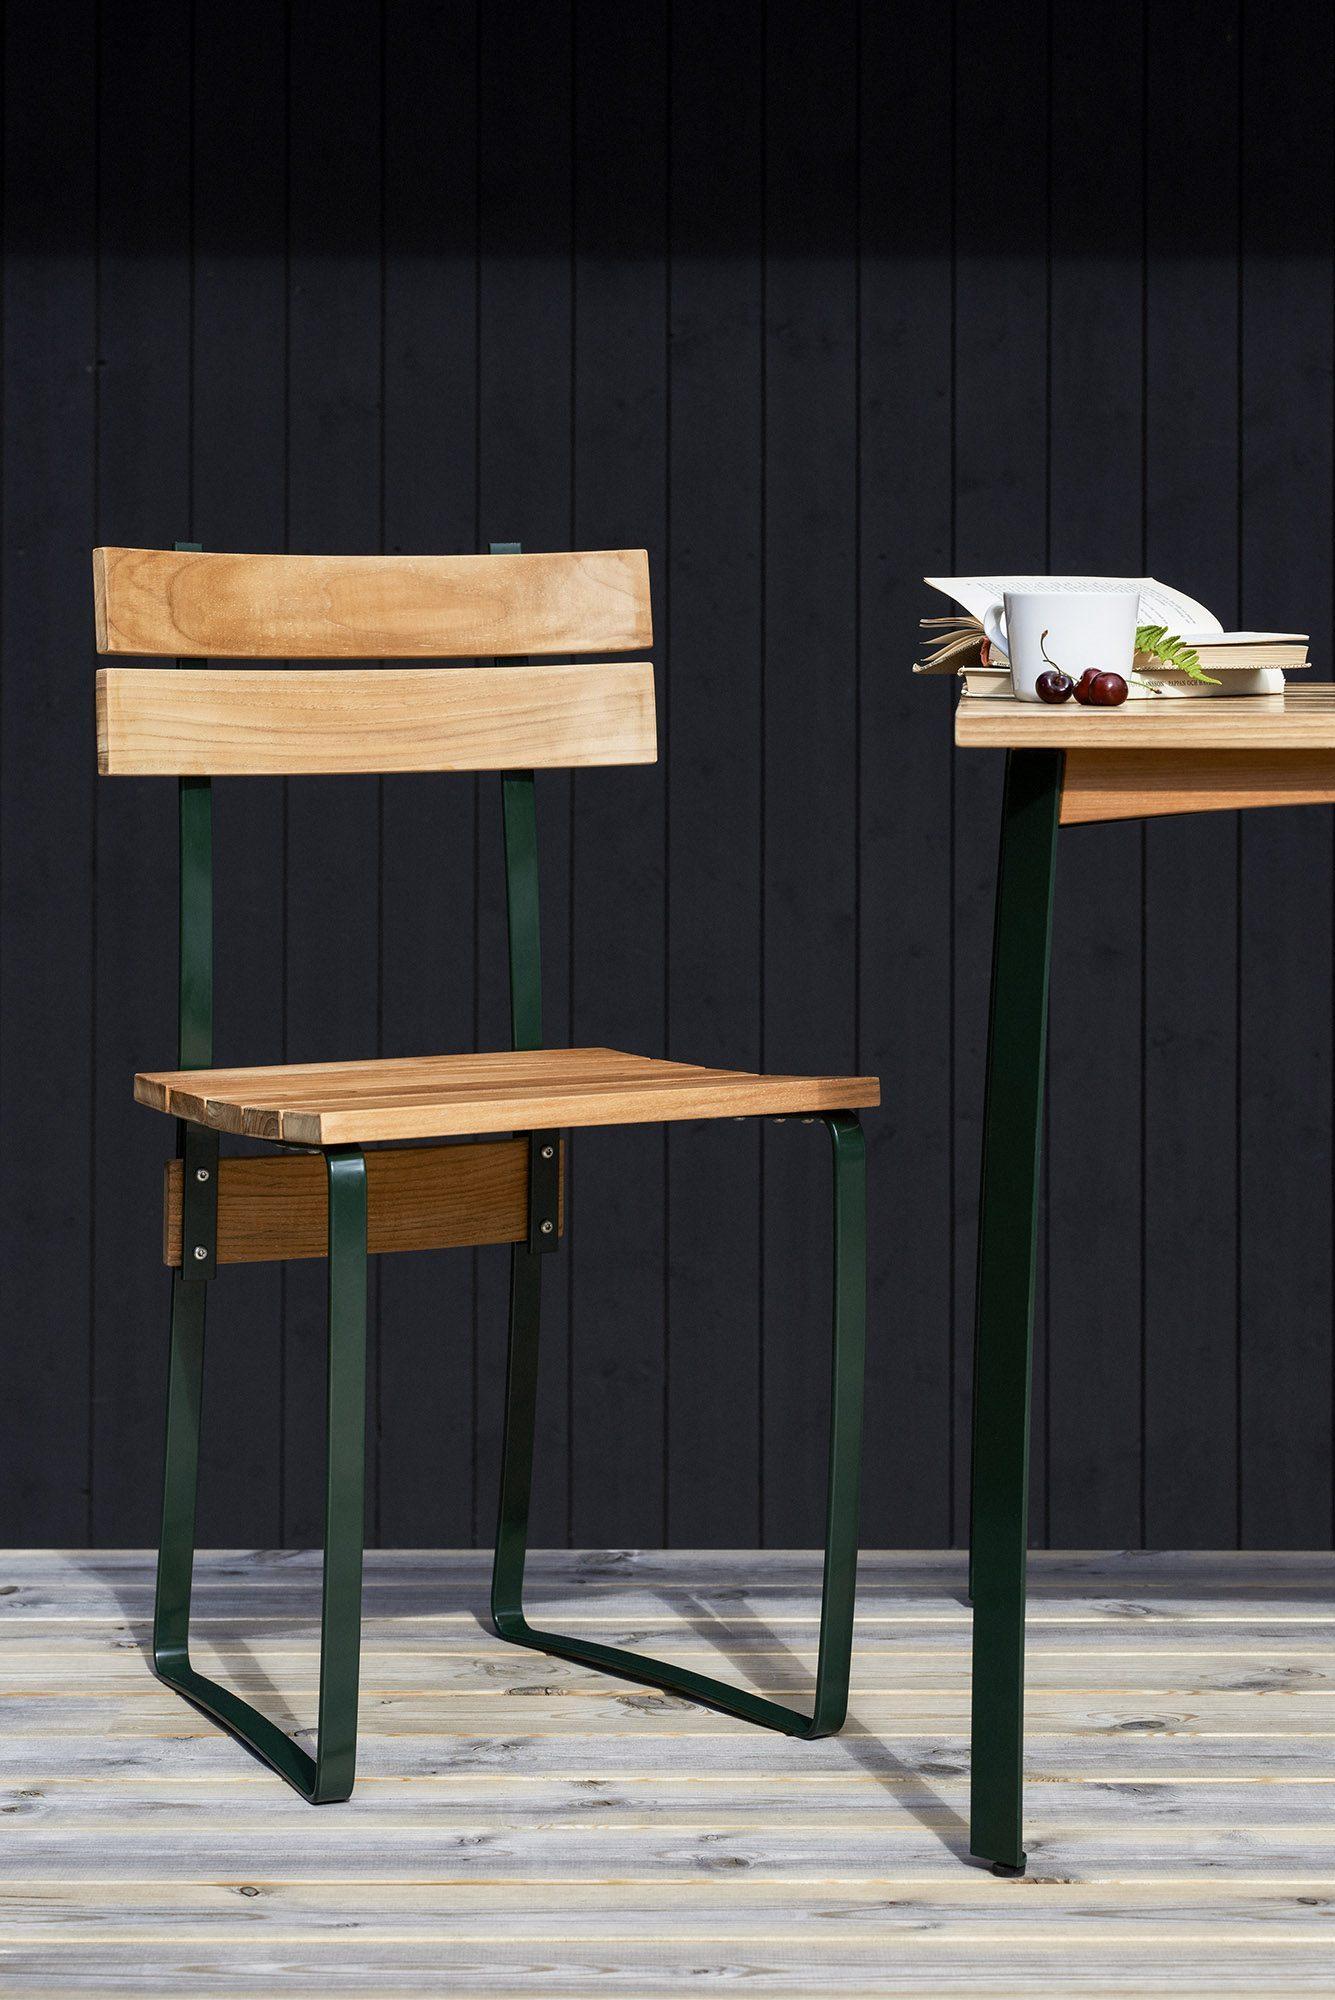 Kerteminde stol från Skargaarden har ett grönlackat stativ.